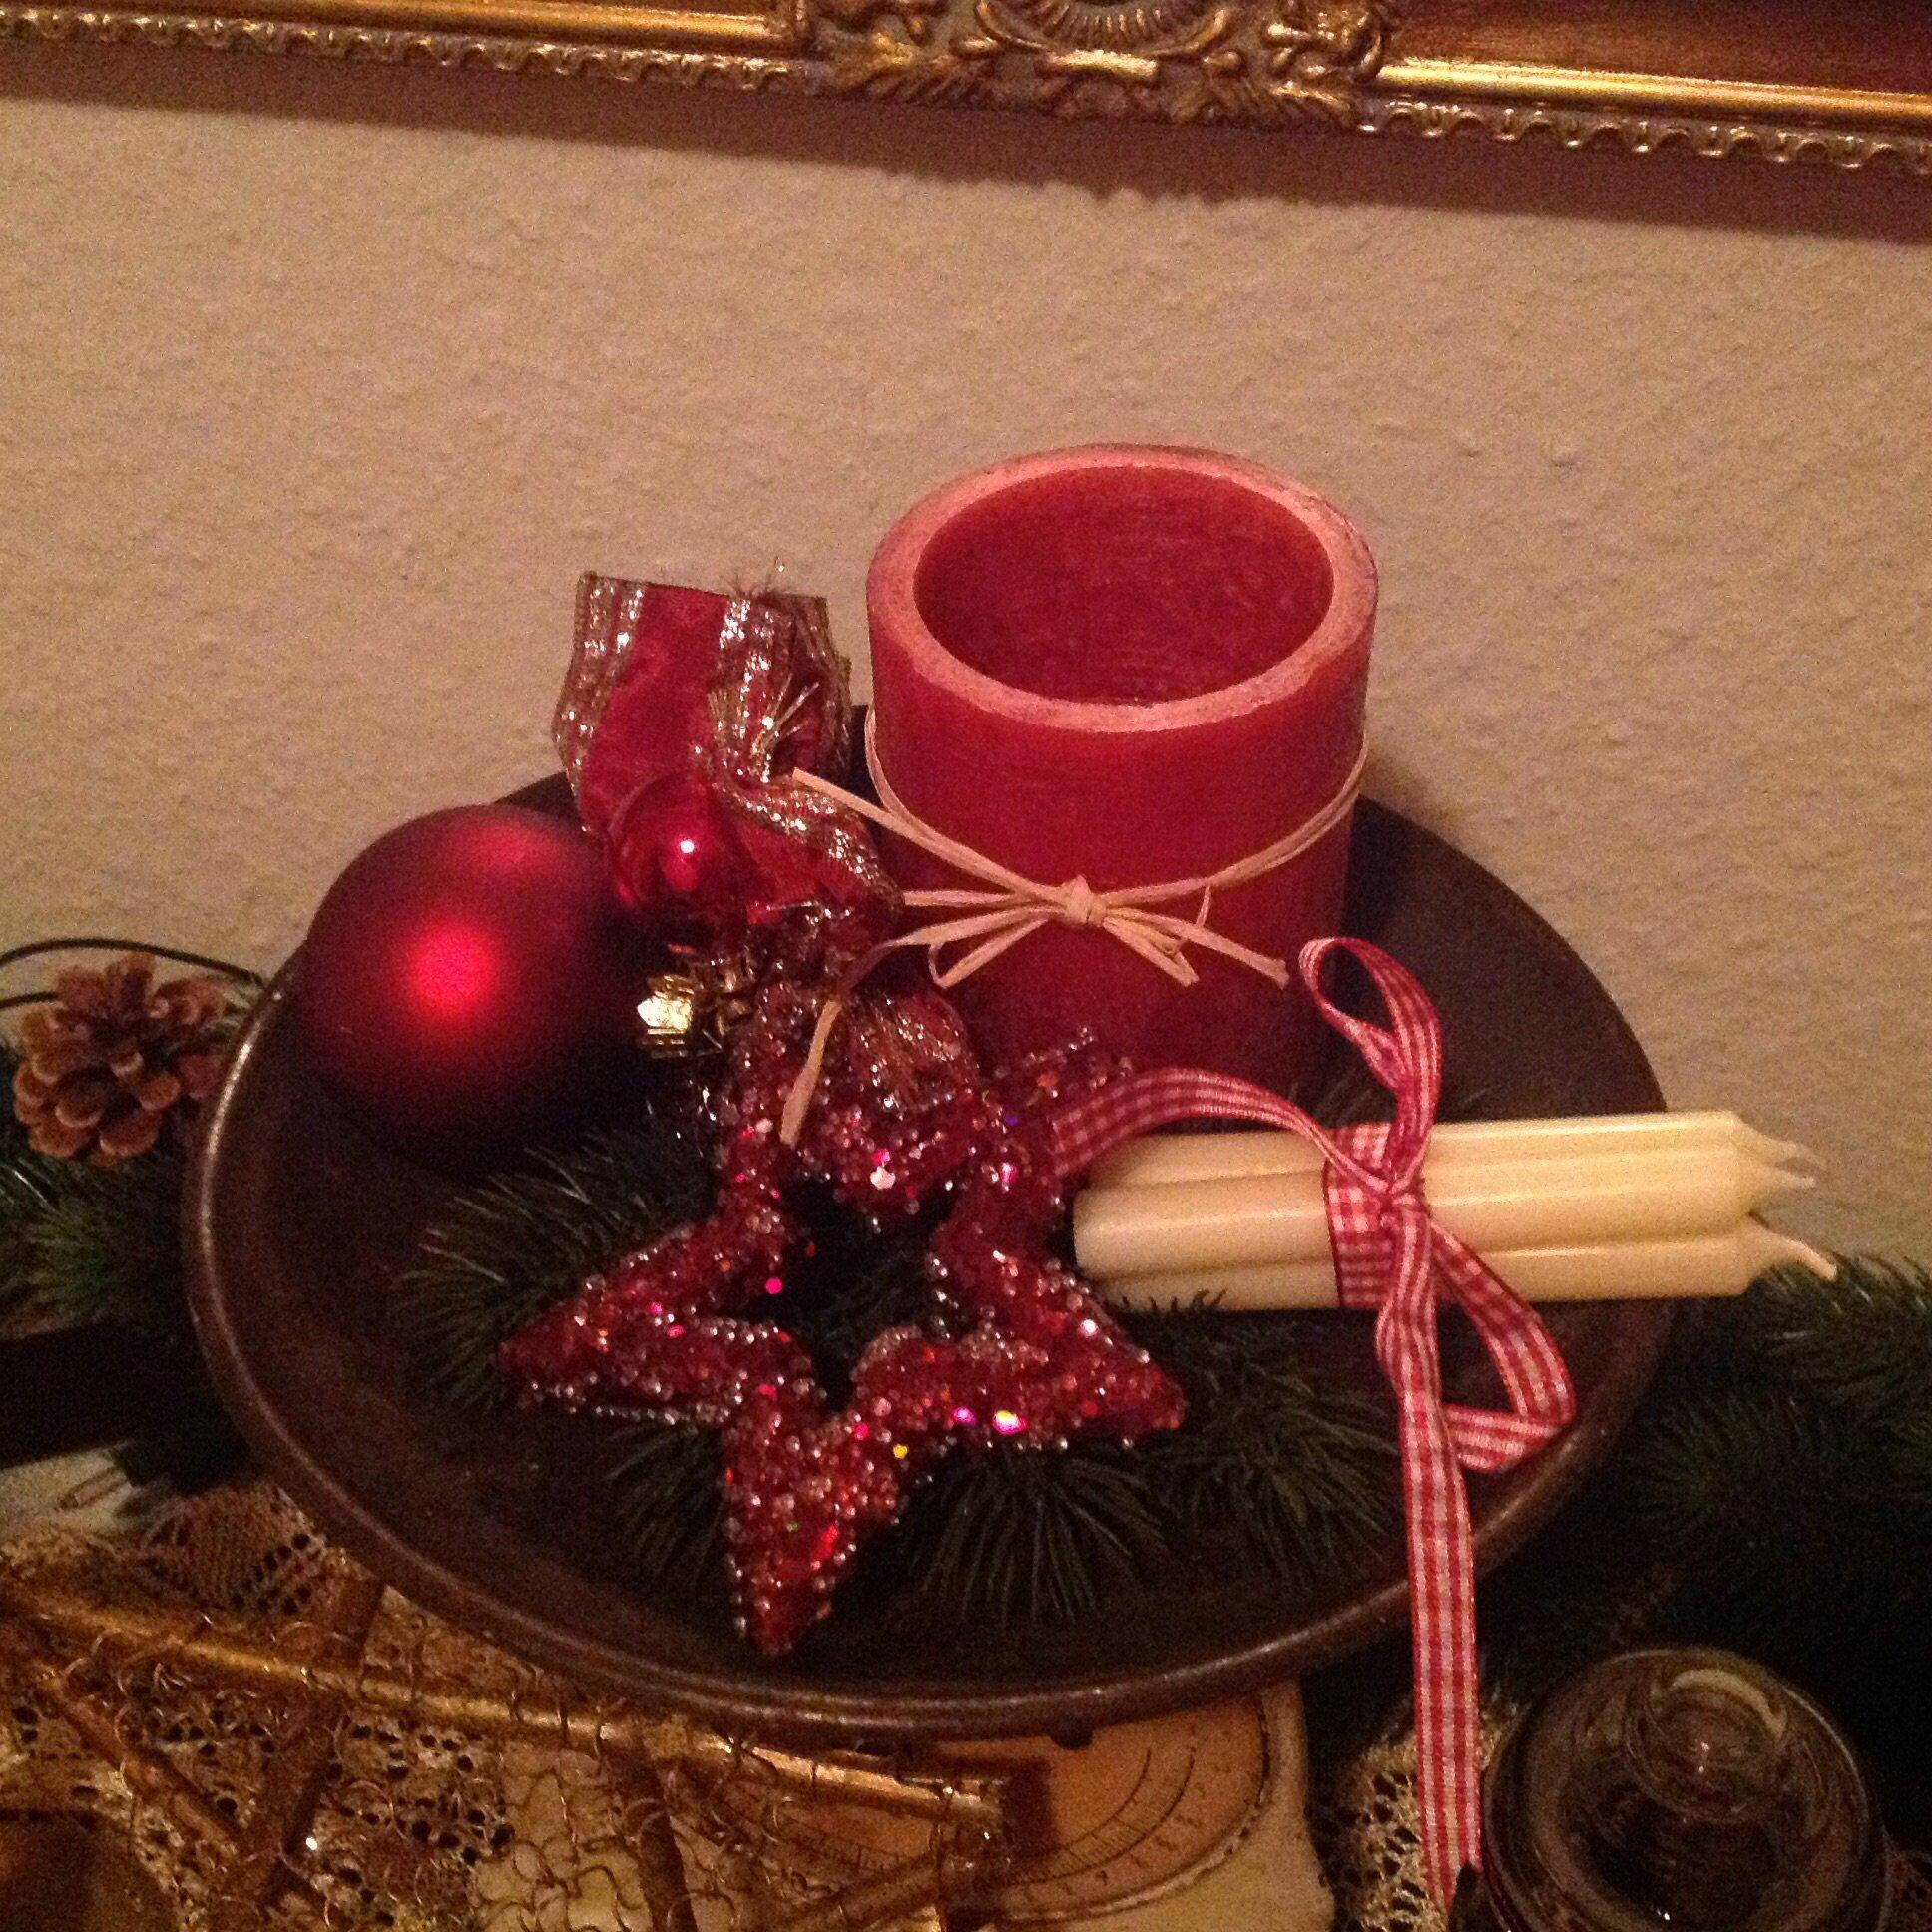 Weihnachtsdeko 39 weihnachtsdekoration 39 kleines landhaus - Weihnachtsdeko landhaus ...